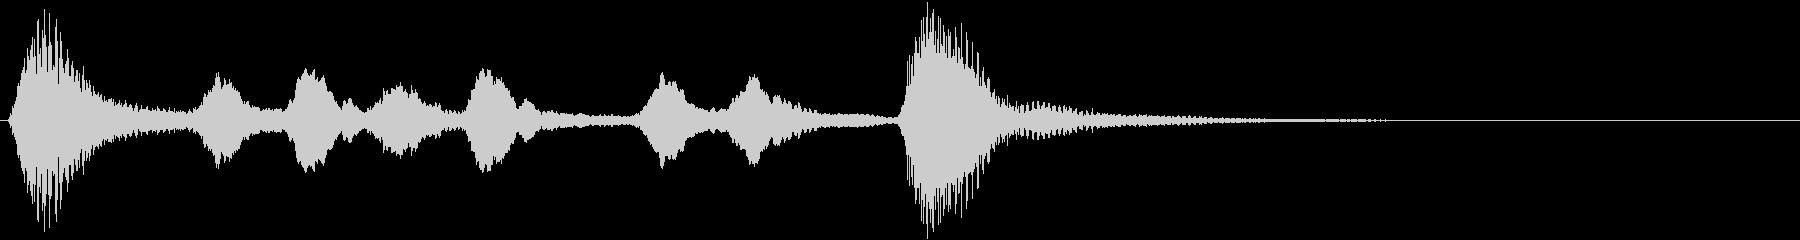 サウンドロゴ、ジングル等の未再生の波形